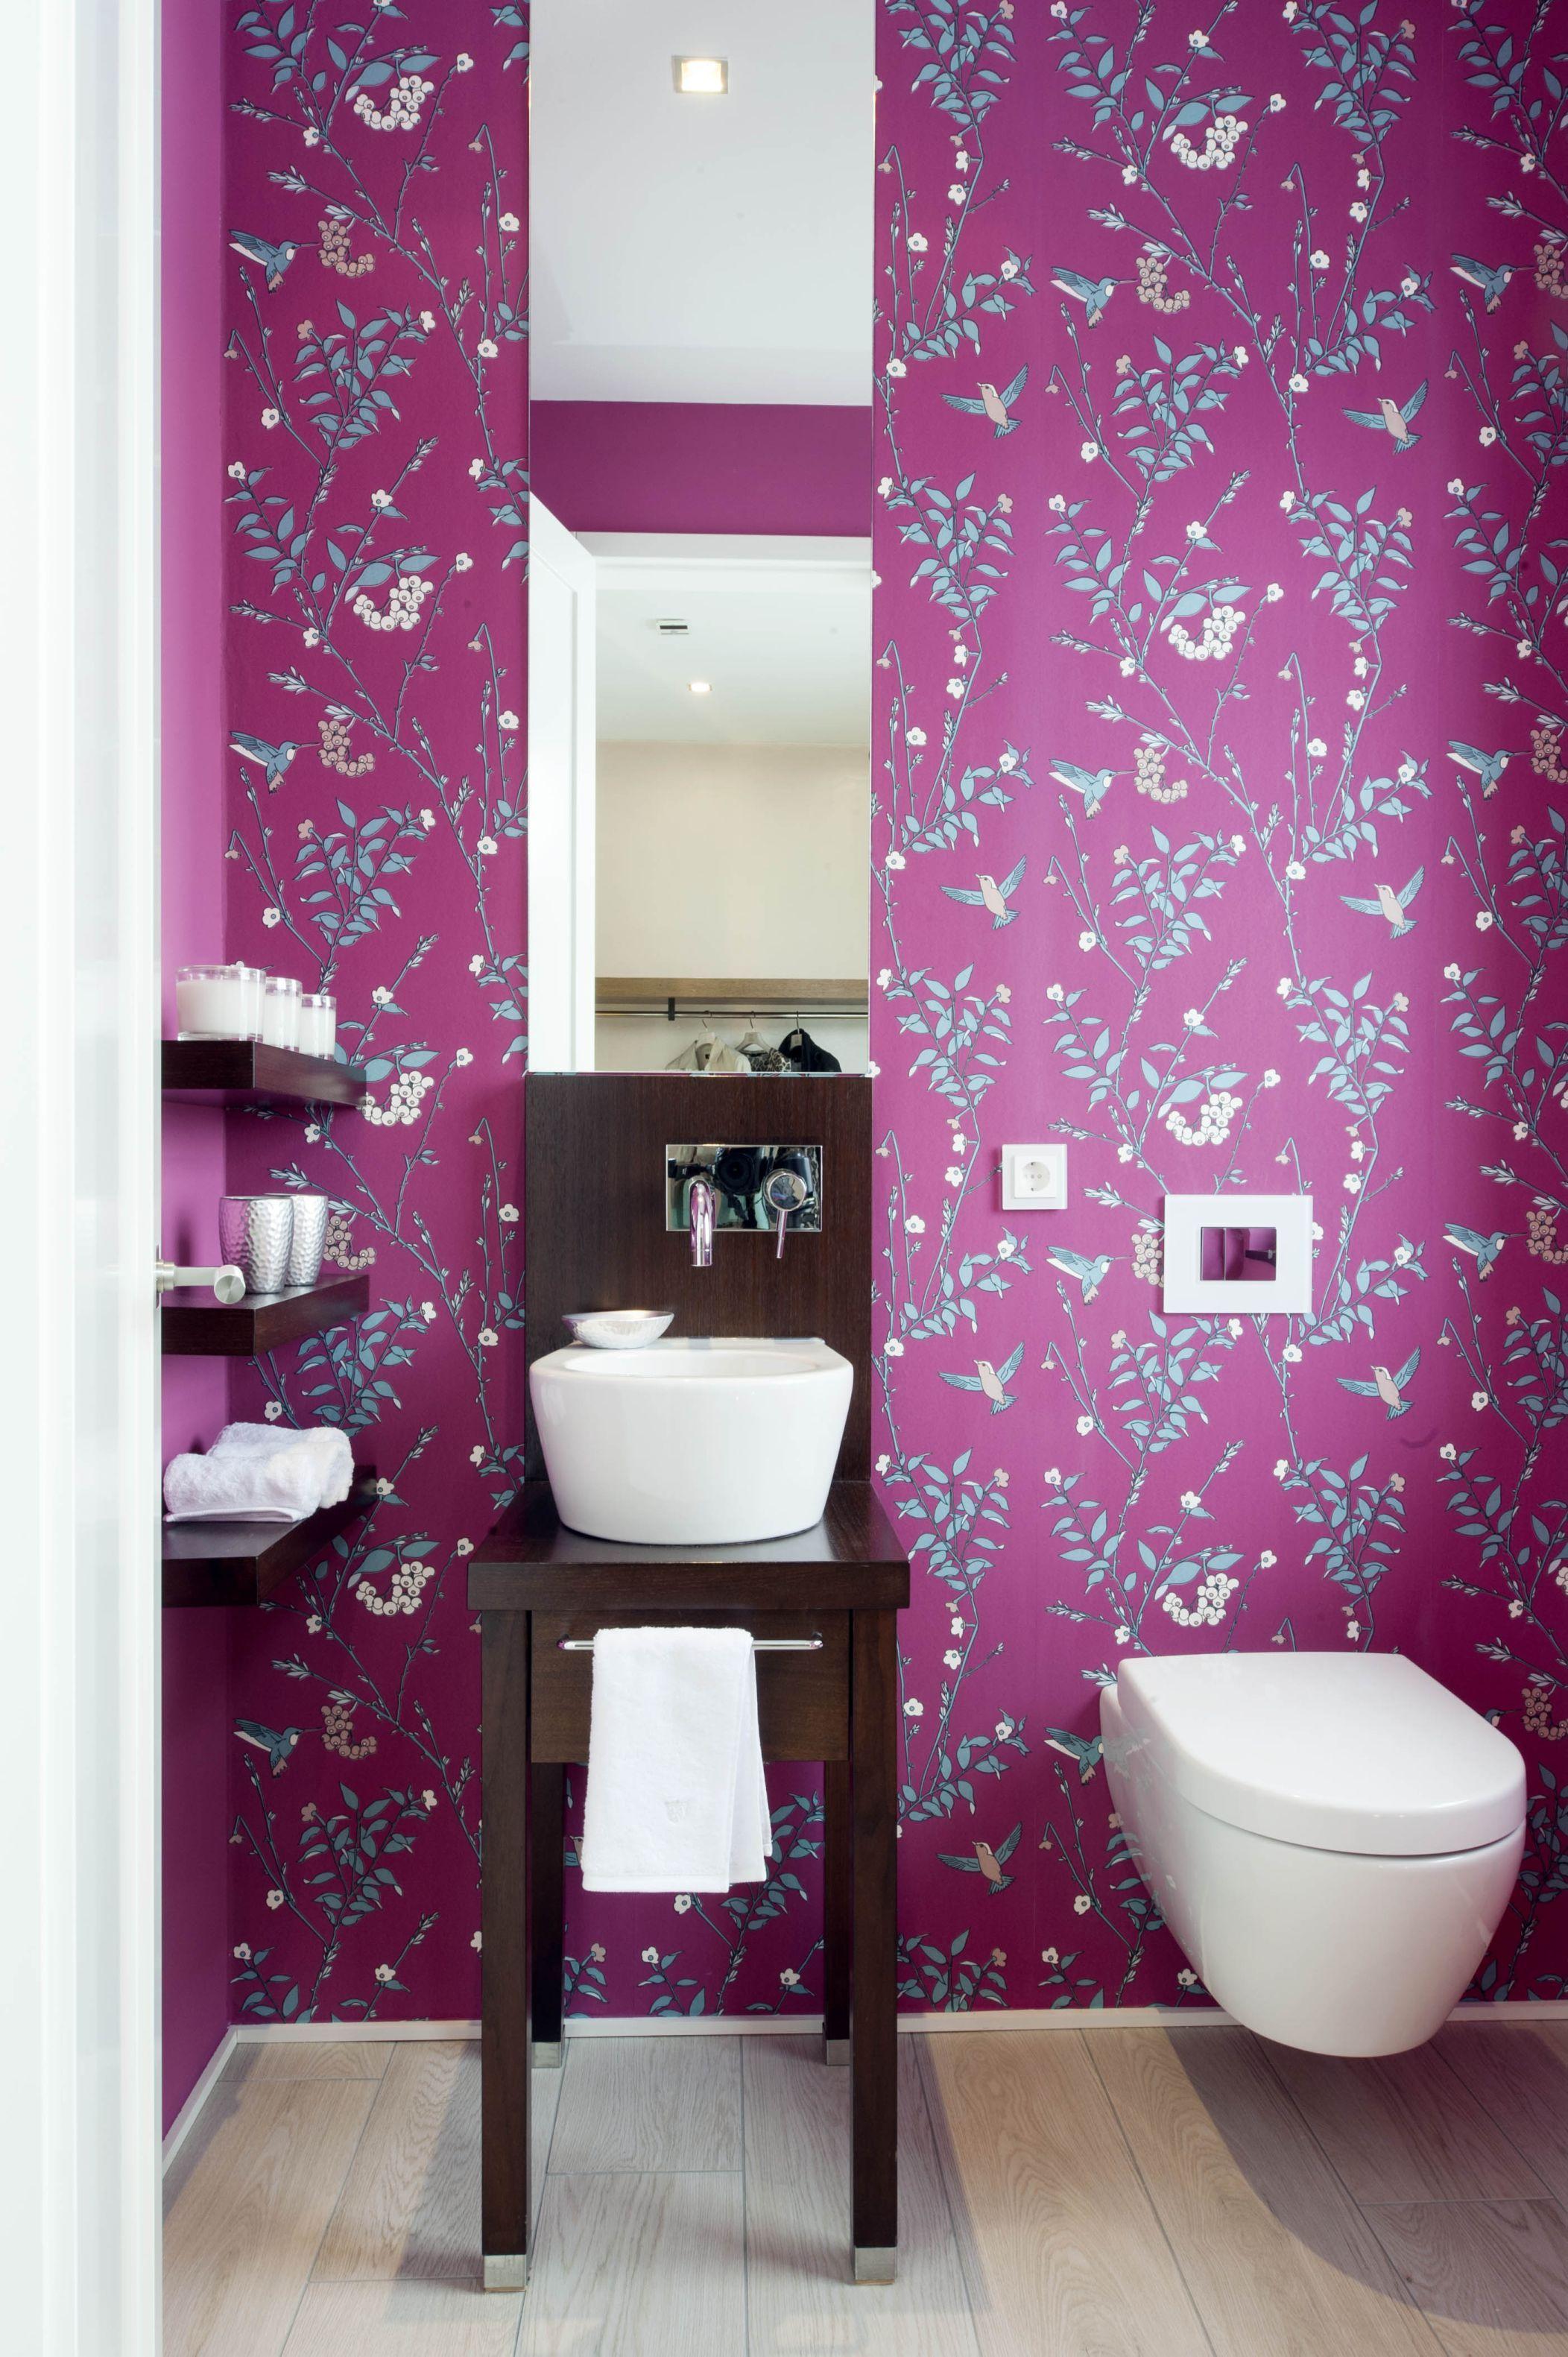 Coole Tapete Im Bad Viebrockhaus Designed By Jettejoop